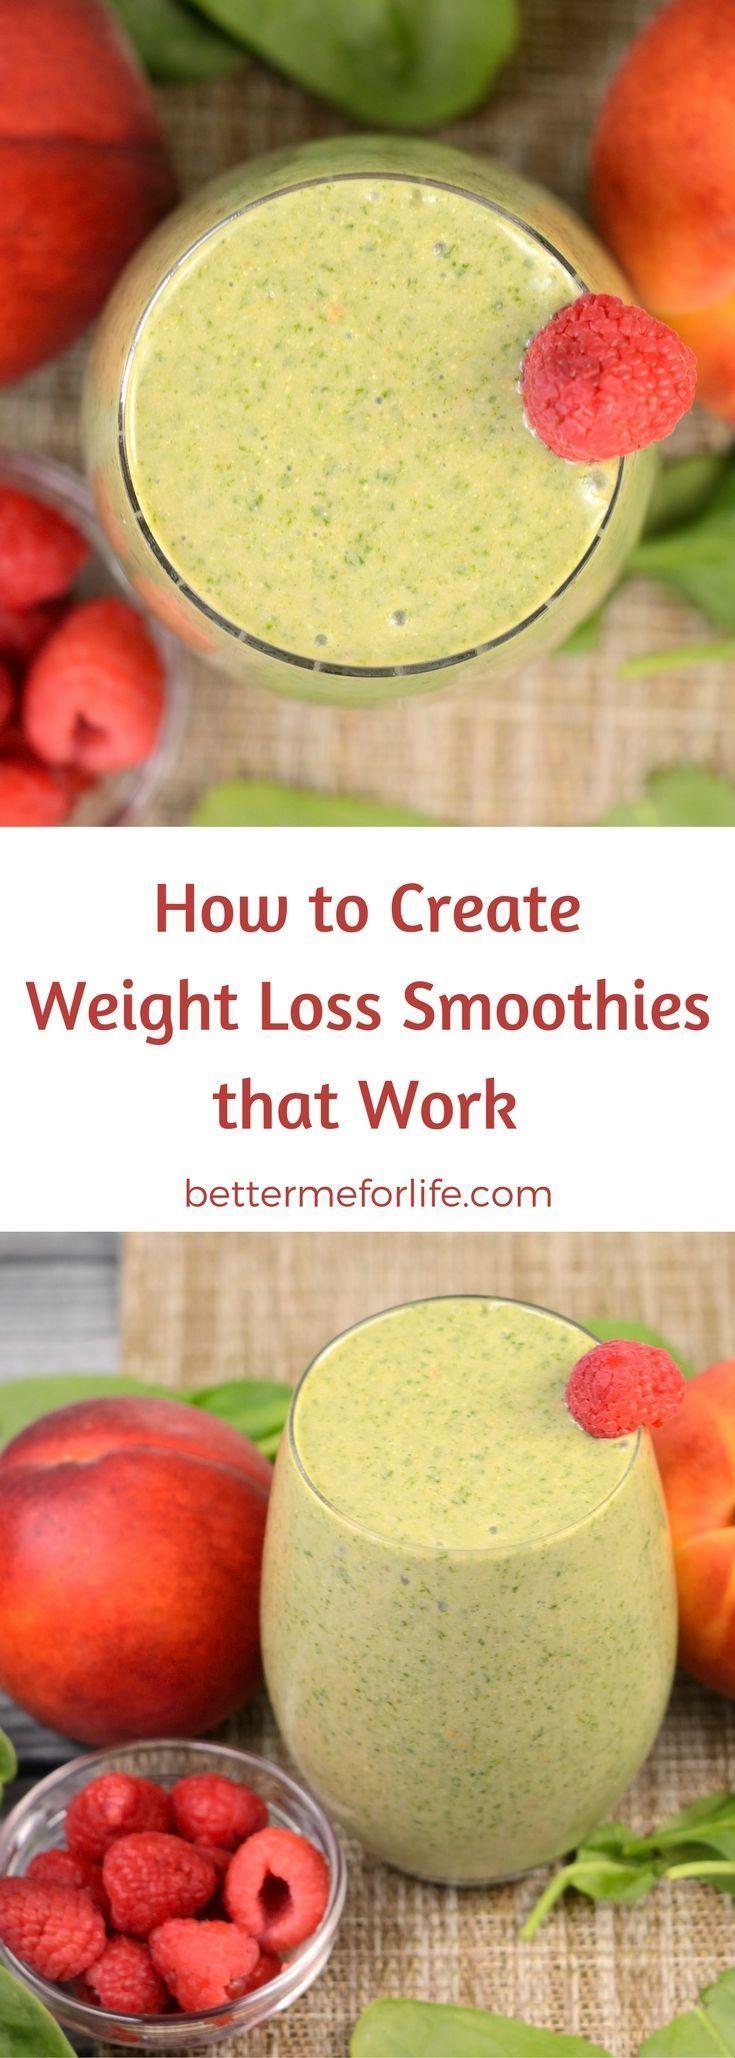 #arbeit # einige # gegen #Gesundheitsziele #gewichtig    – health-smoothies